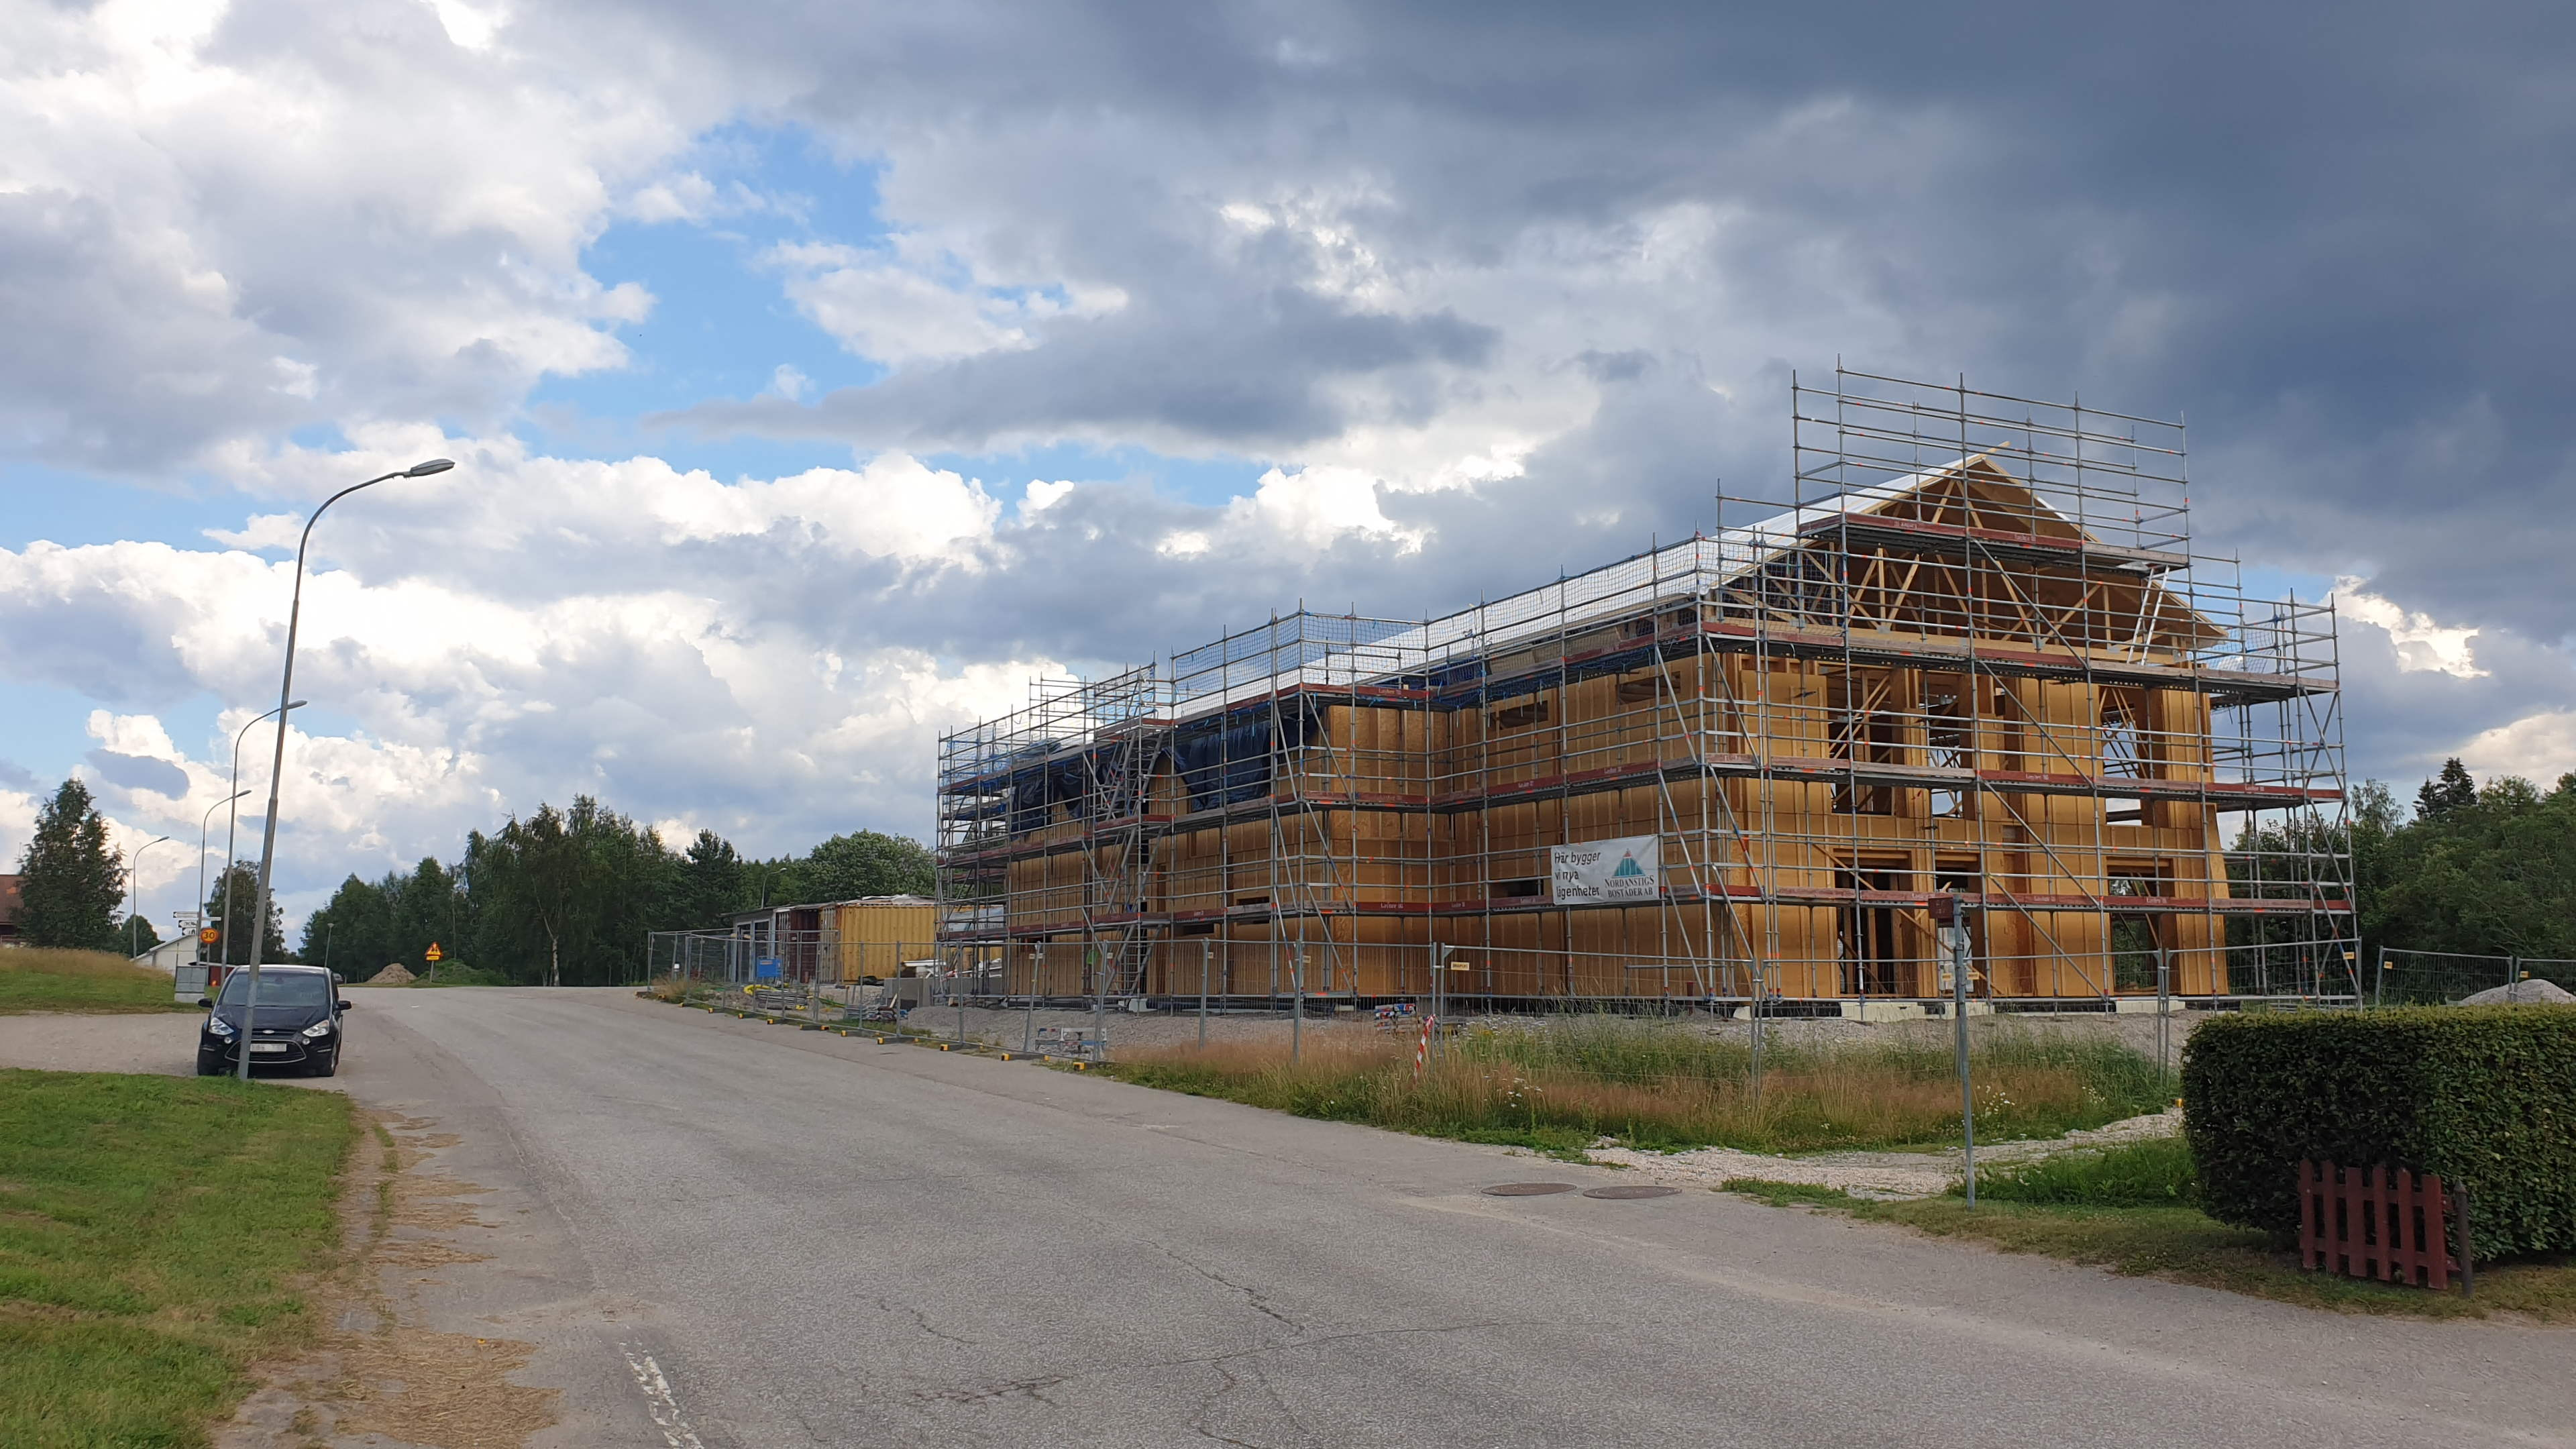 Gnarp, bygge av flerbostadshus, 15 juli 2021'